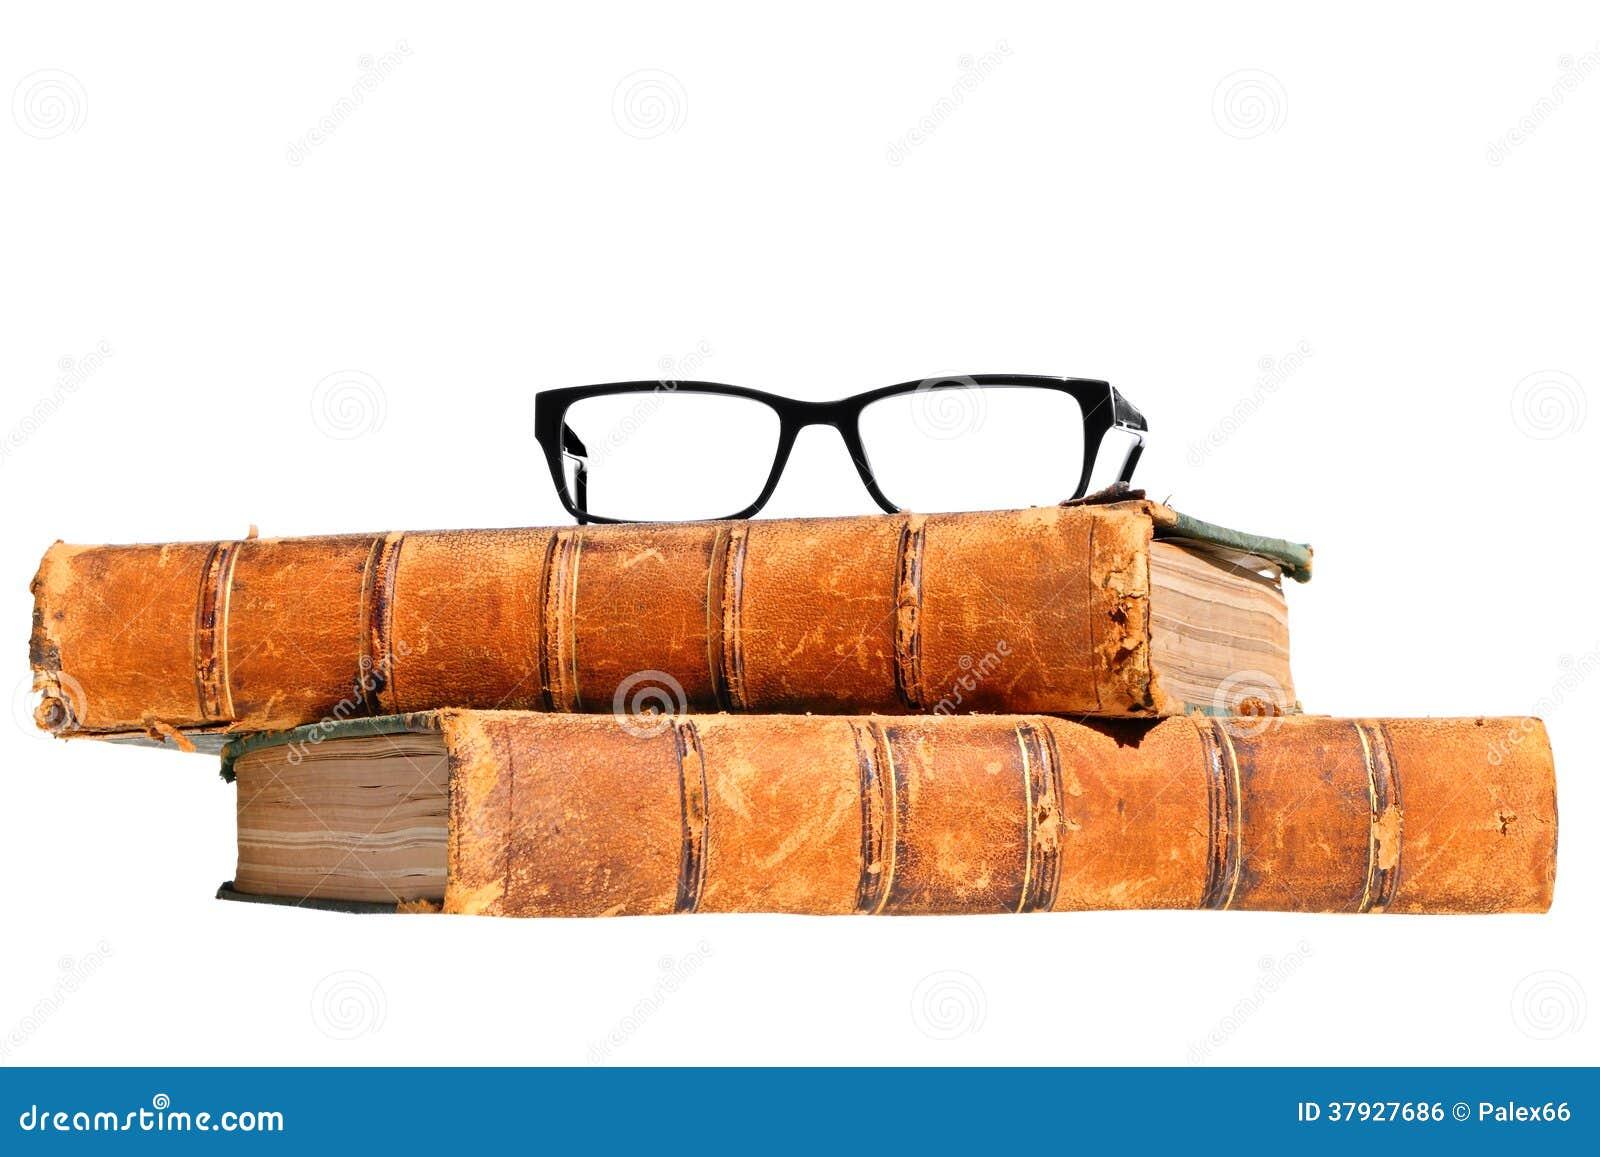 Путь к знанию